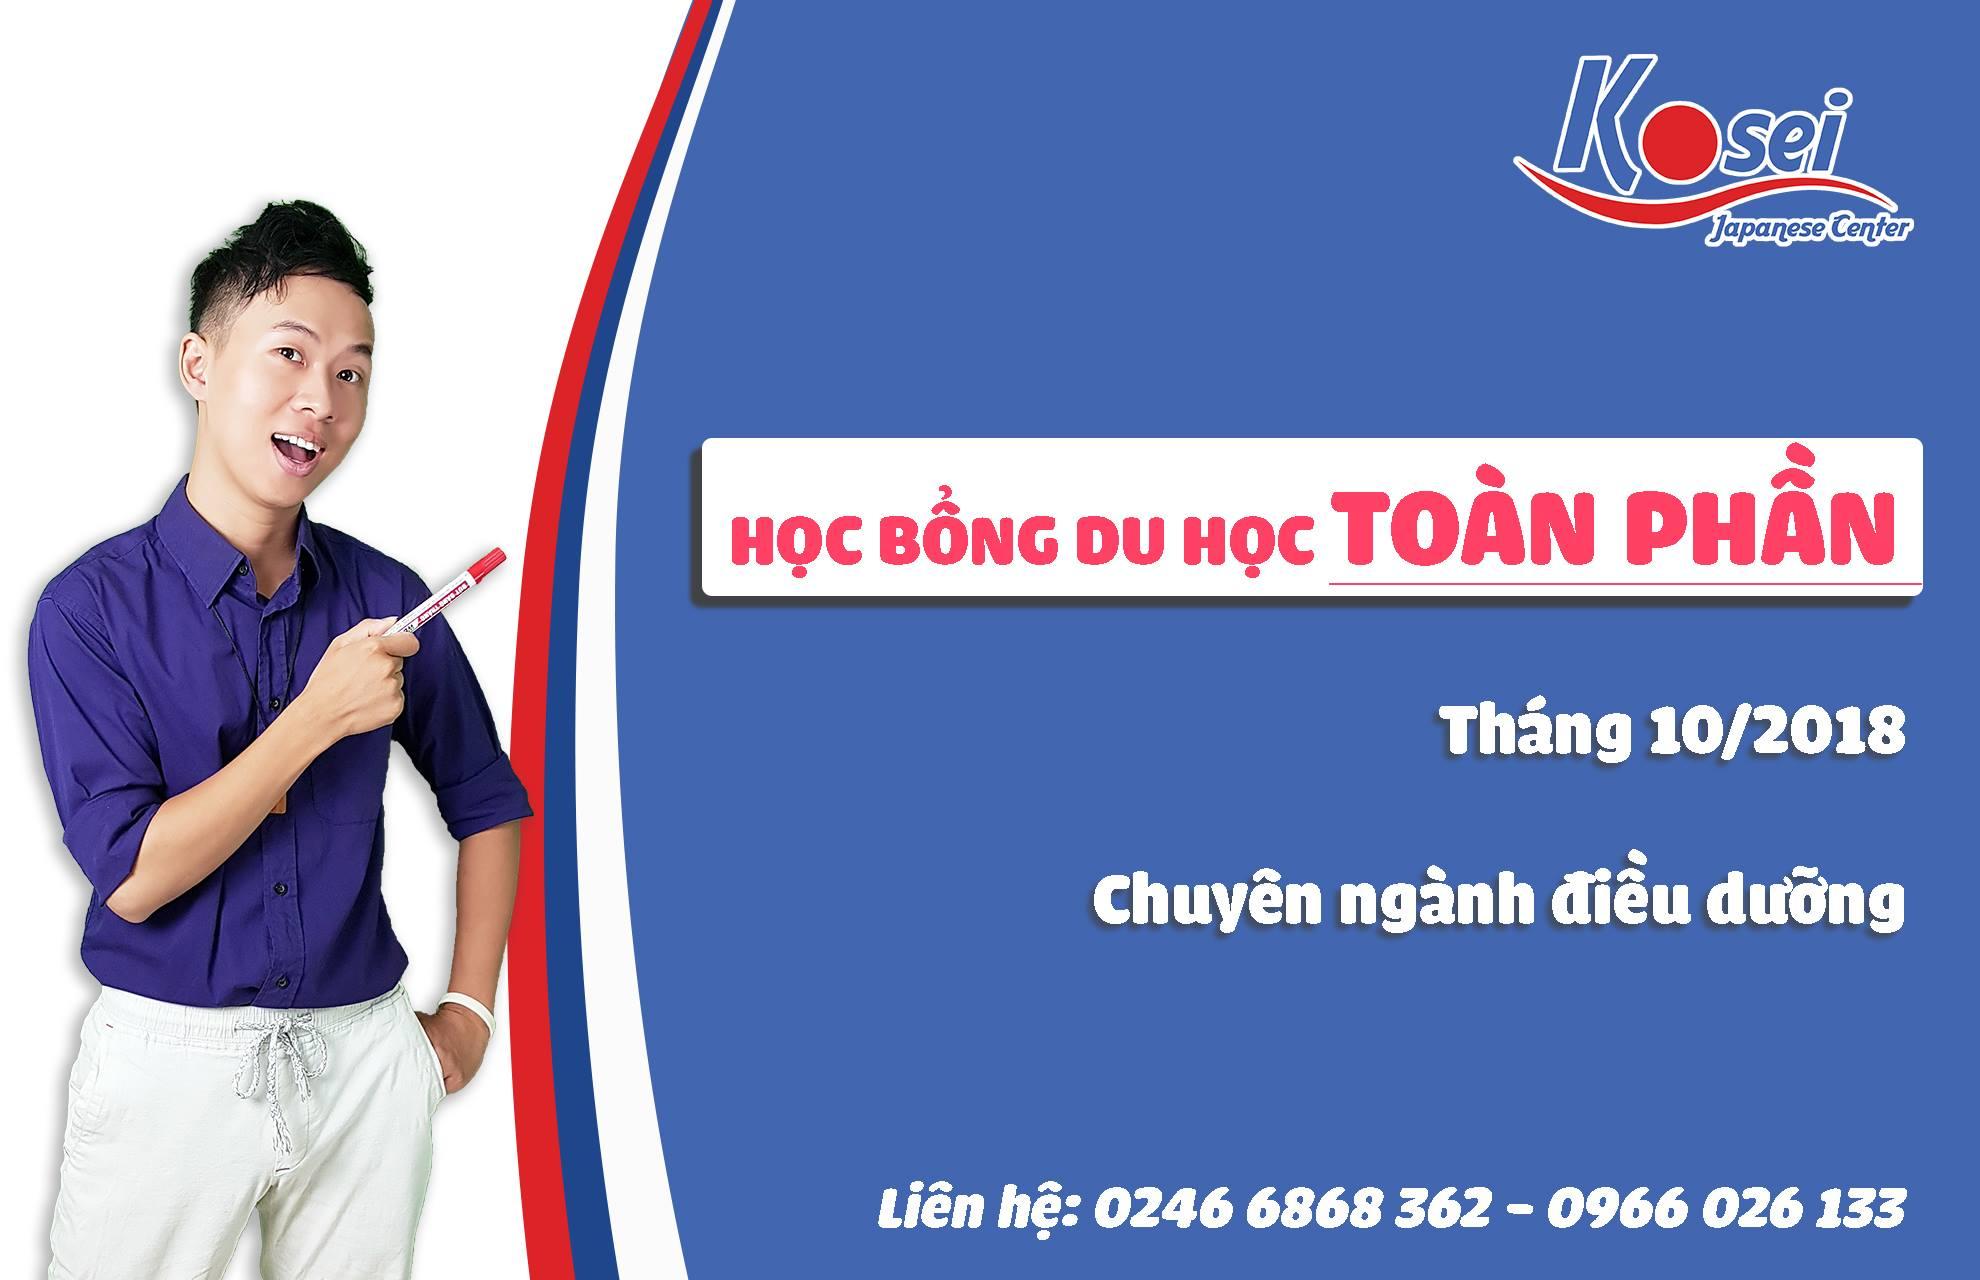 https://kosei.vn/hoc-bong-du-hoc-toan-phan-chuyen-nganh-dieu-duong-n1493.html